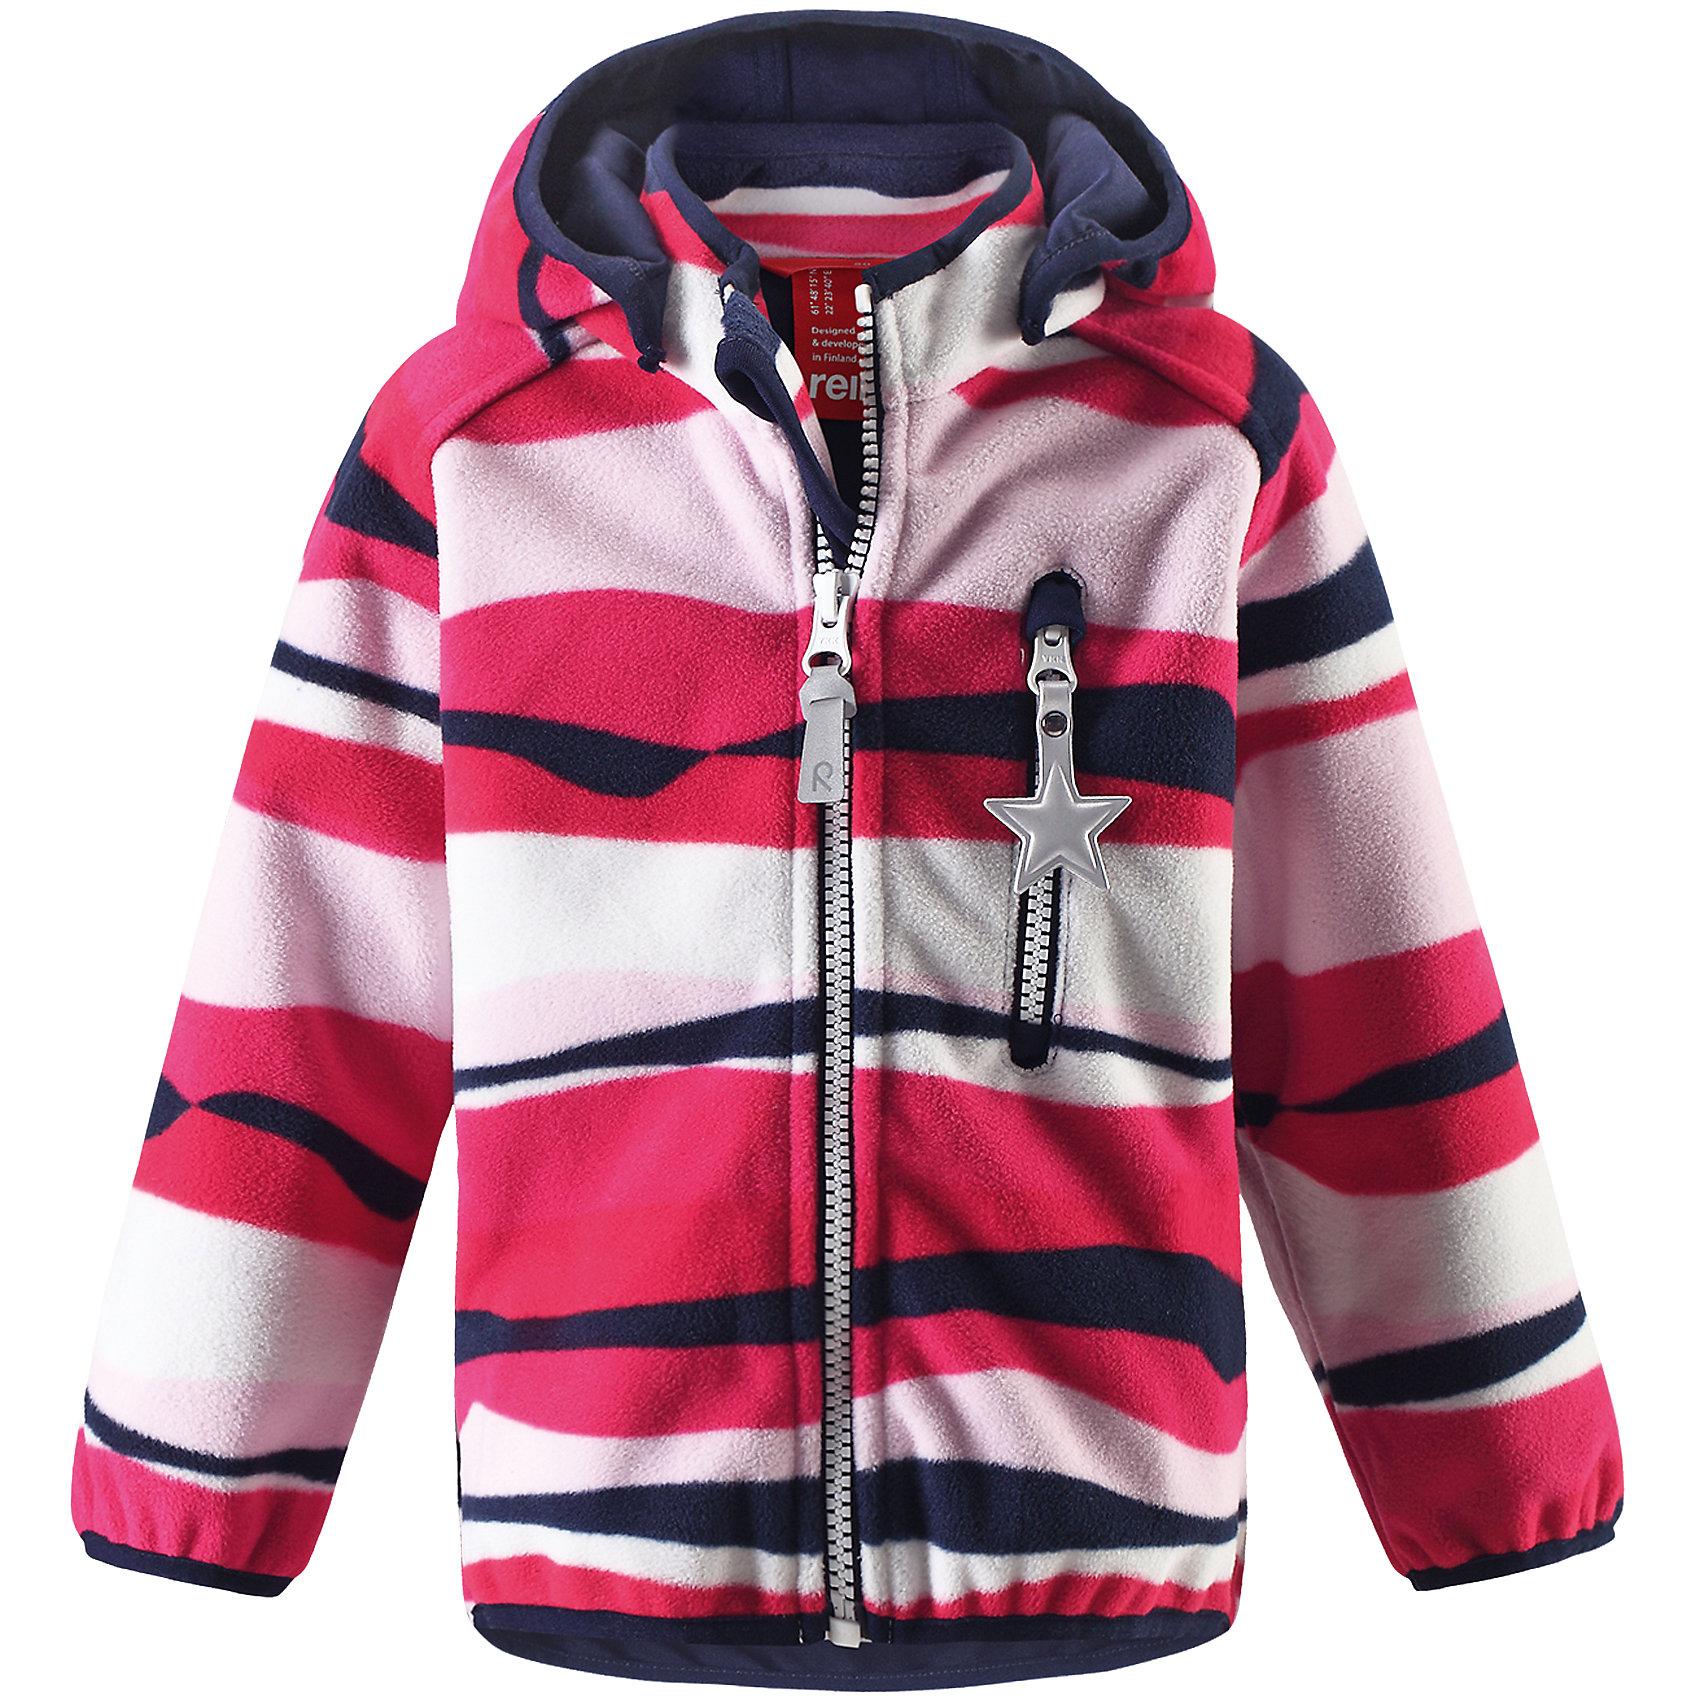 Куртка Viklo для девочки ReimaВерхняя одежда<br>Характеристики товара:<br><br>• цвет: розовый<br>• состав: 100% полиэстер, полиуретановое покрытие<br>• температурный режим: от +5° до +15°С<br>• водонепроницаемость: 10000 мм<br>• воздухопроницаемость: 5000 мм<br>• без утеплителя<br>• материал windfleece<br>• не пропускает ветер<br>• водоотталкивающий, ветронепроницаемый и дышащий материал<br>• многослойный материал, с изнаночной стороны - джерси<br>• гладкая трикотажная подкладка из полиэстера<br>• безопасный съёмный капюшон<br>• эластичная сборка по карю капюшона, на манжетах и на подоле<br>• эластичные манжеты<br>• карман на молнии<br>• светоотражающие детали<br>• комфортная посадка<br>• страна производства: Китай<br>• страна бренда: Финляндия<br>• коллекция: весна-лето 2017<br><br>Верхняя одежда для детей может быть модной и комфортной одновременно! Демисезонная куртка поможет обеспечить ребенку комфорт и тепло. Она отлично смотрится с различной одеждой и обувью. Изделие удобно сидит и модно выглядит. Материал - прочный, хорошо подходящий для межсезонья, водо- и ветронепроницаемый, «дышащий». Стильный дизайн разрабатывался специально для детей.<br><br>Одежда и обувь от финского бренда Reima пользуется популярностью во многих странах. Эти изделия стильные, качественные и удобные. Для производства продукции используются только безопасные, проверенные материалы и фурнитура. Порадуйте ребенка модными и красивыми вещами от Reima! <br><br>Куртку для мальчика Reimatec® от финского бренда Reima (Рейма) можно купить в нашем интернет-магазине.<br><br>Ширина мм: 356<br>Глубина мм: 10<br>Высота мм: 245<br>Вес г: 519<br>Цвет: красный<br>Возраст от месяцев: 12<br>Возраст до месяцев: 18<br>Пол: Женский<br>Возраст: Детский<br>Размер: 86,74,80,92,98<br>SKU: 5265604